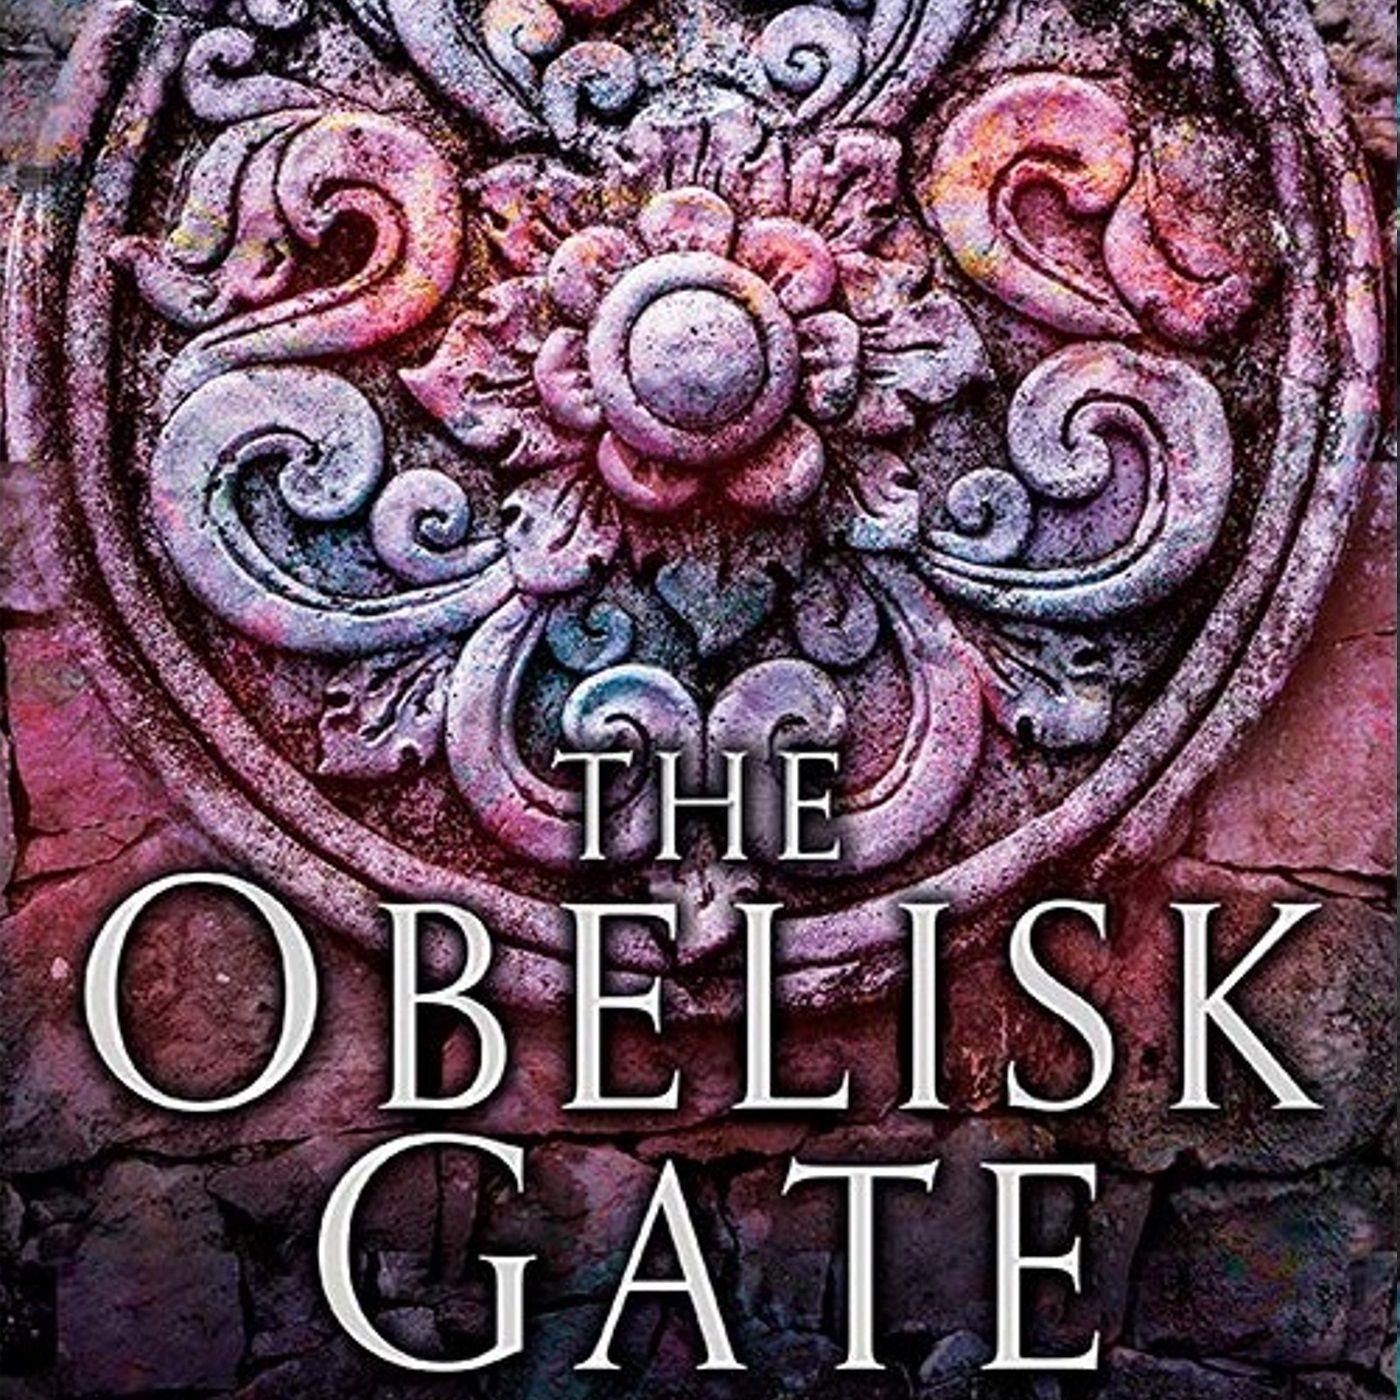 Book-Space! #6. The Obelisk Gate by N.K. Jemisin